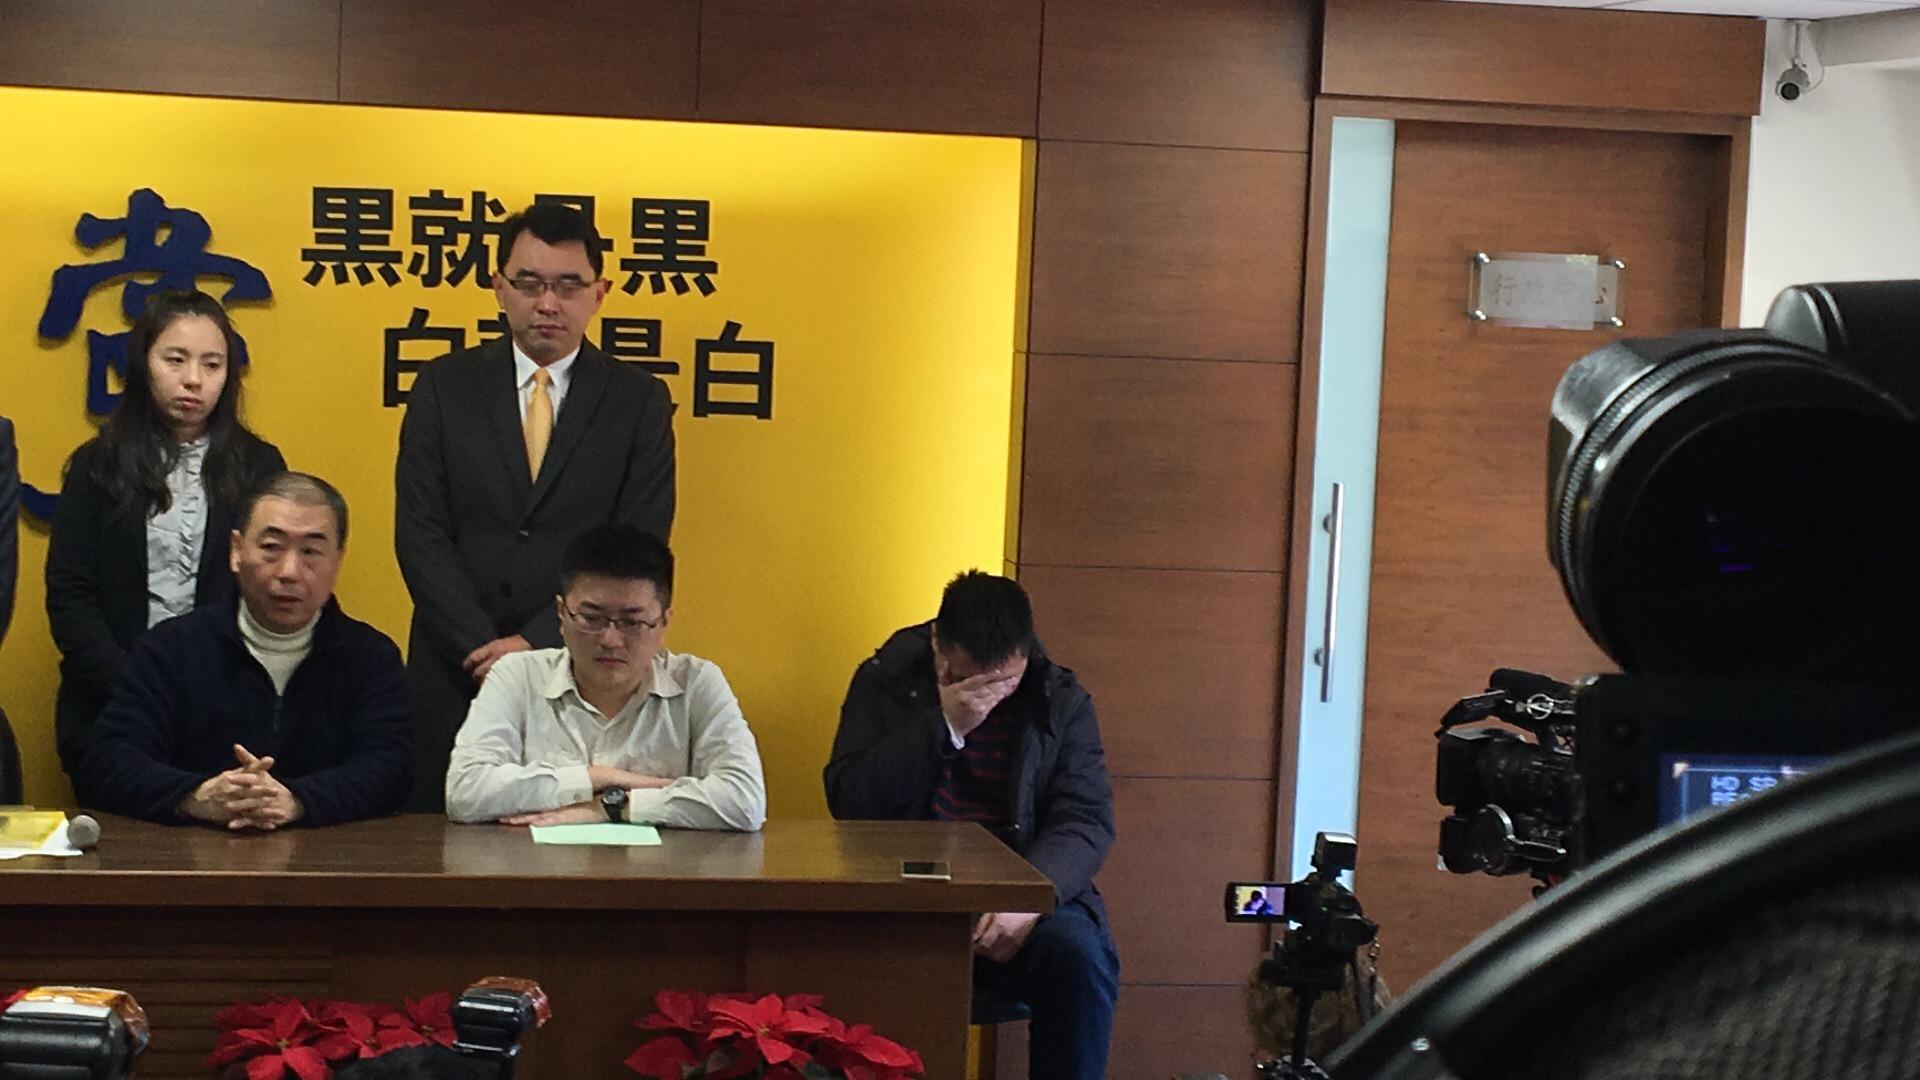 王炳忠:我住处搜出来的人民币不是大陆提供的(图)